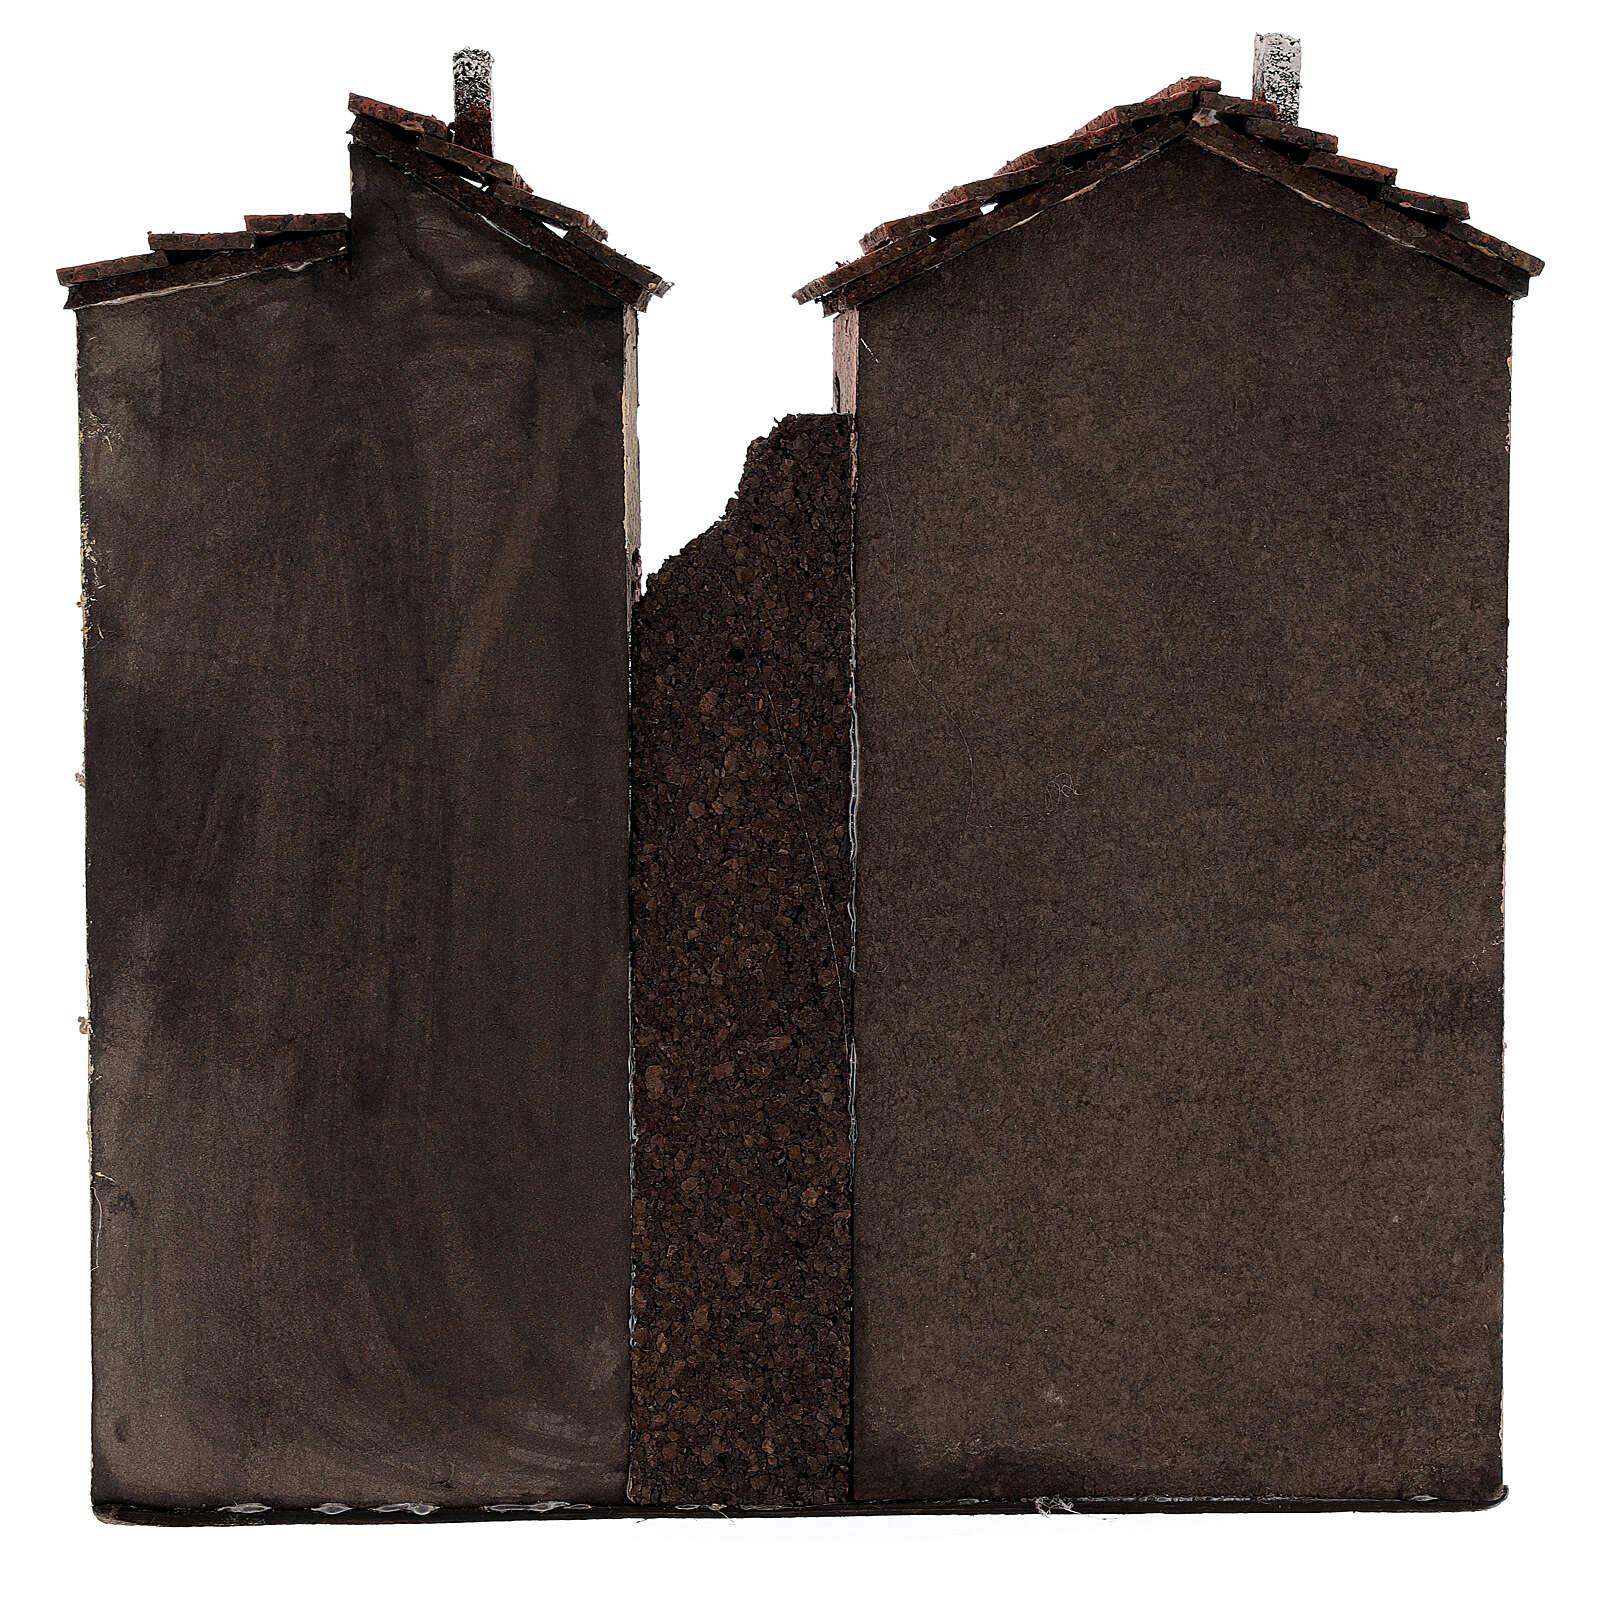 Casas de dois andares cortiça miniaturas para presépio napolitano com figuras altura média 10 cm, medidas: 27x25,5x11 cm 4